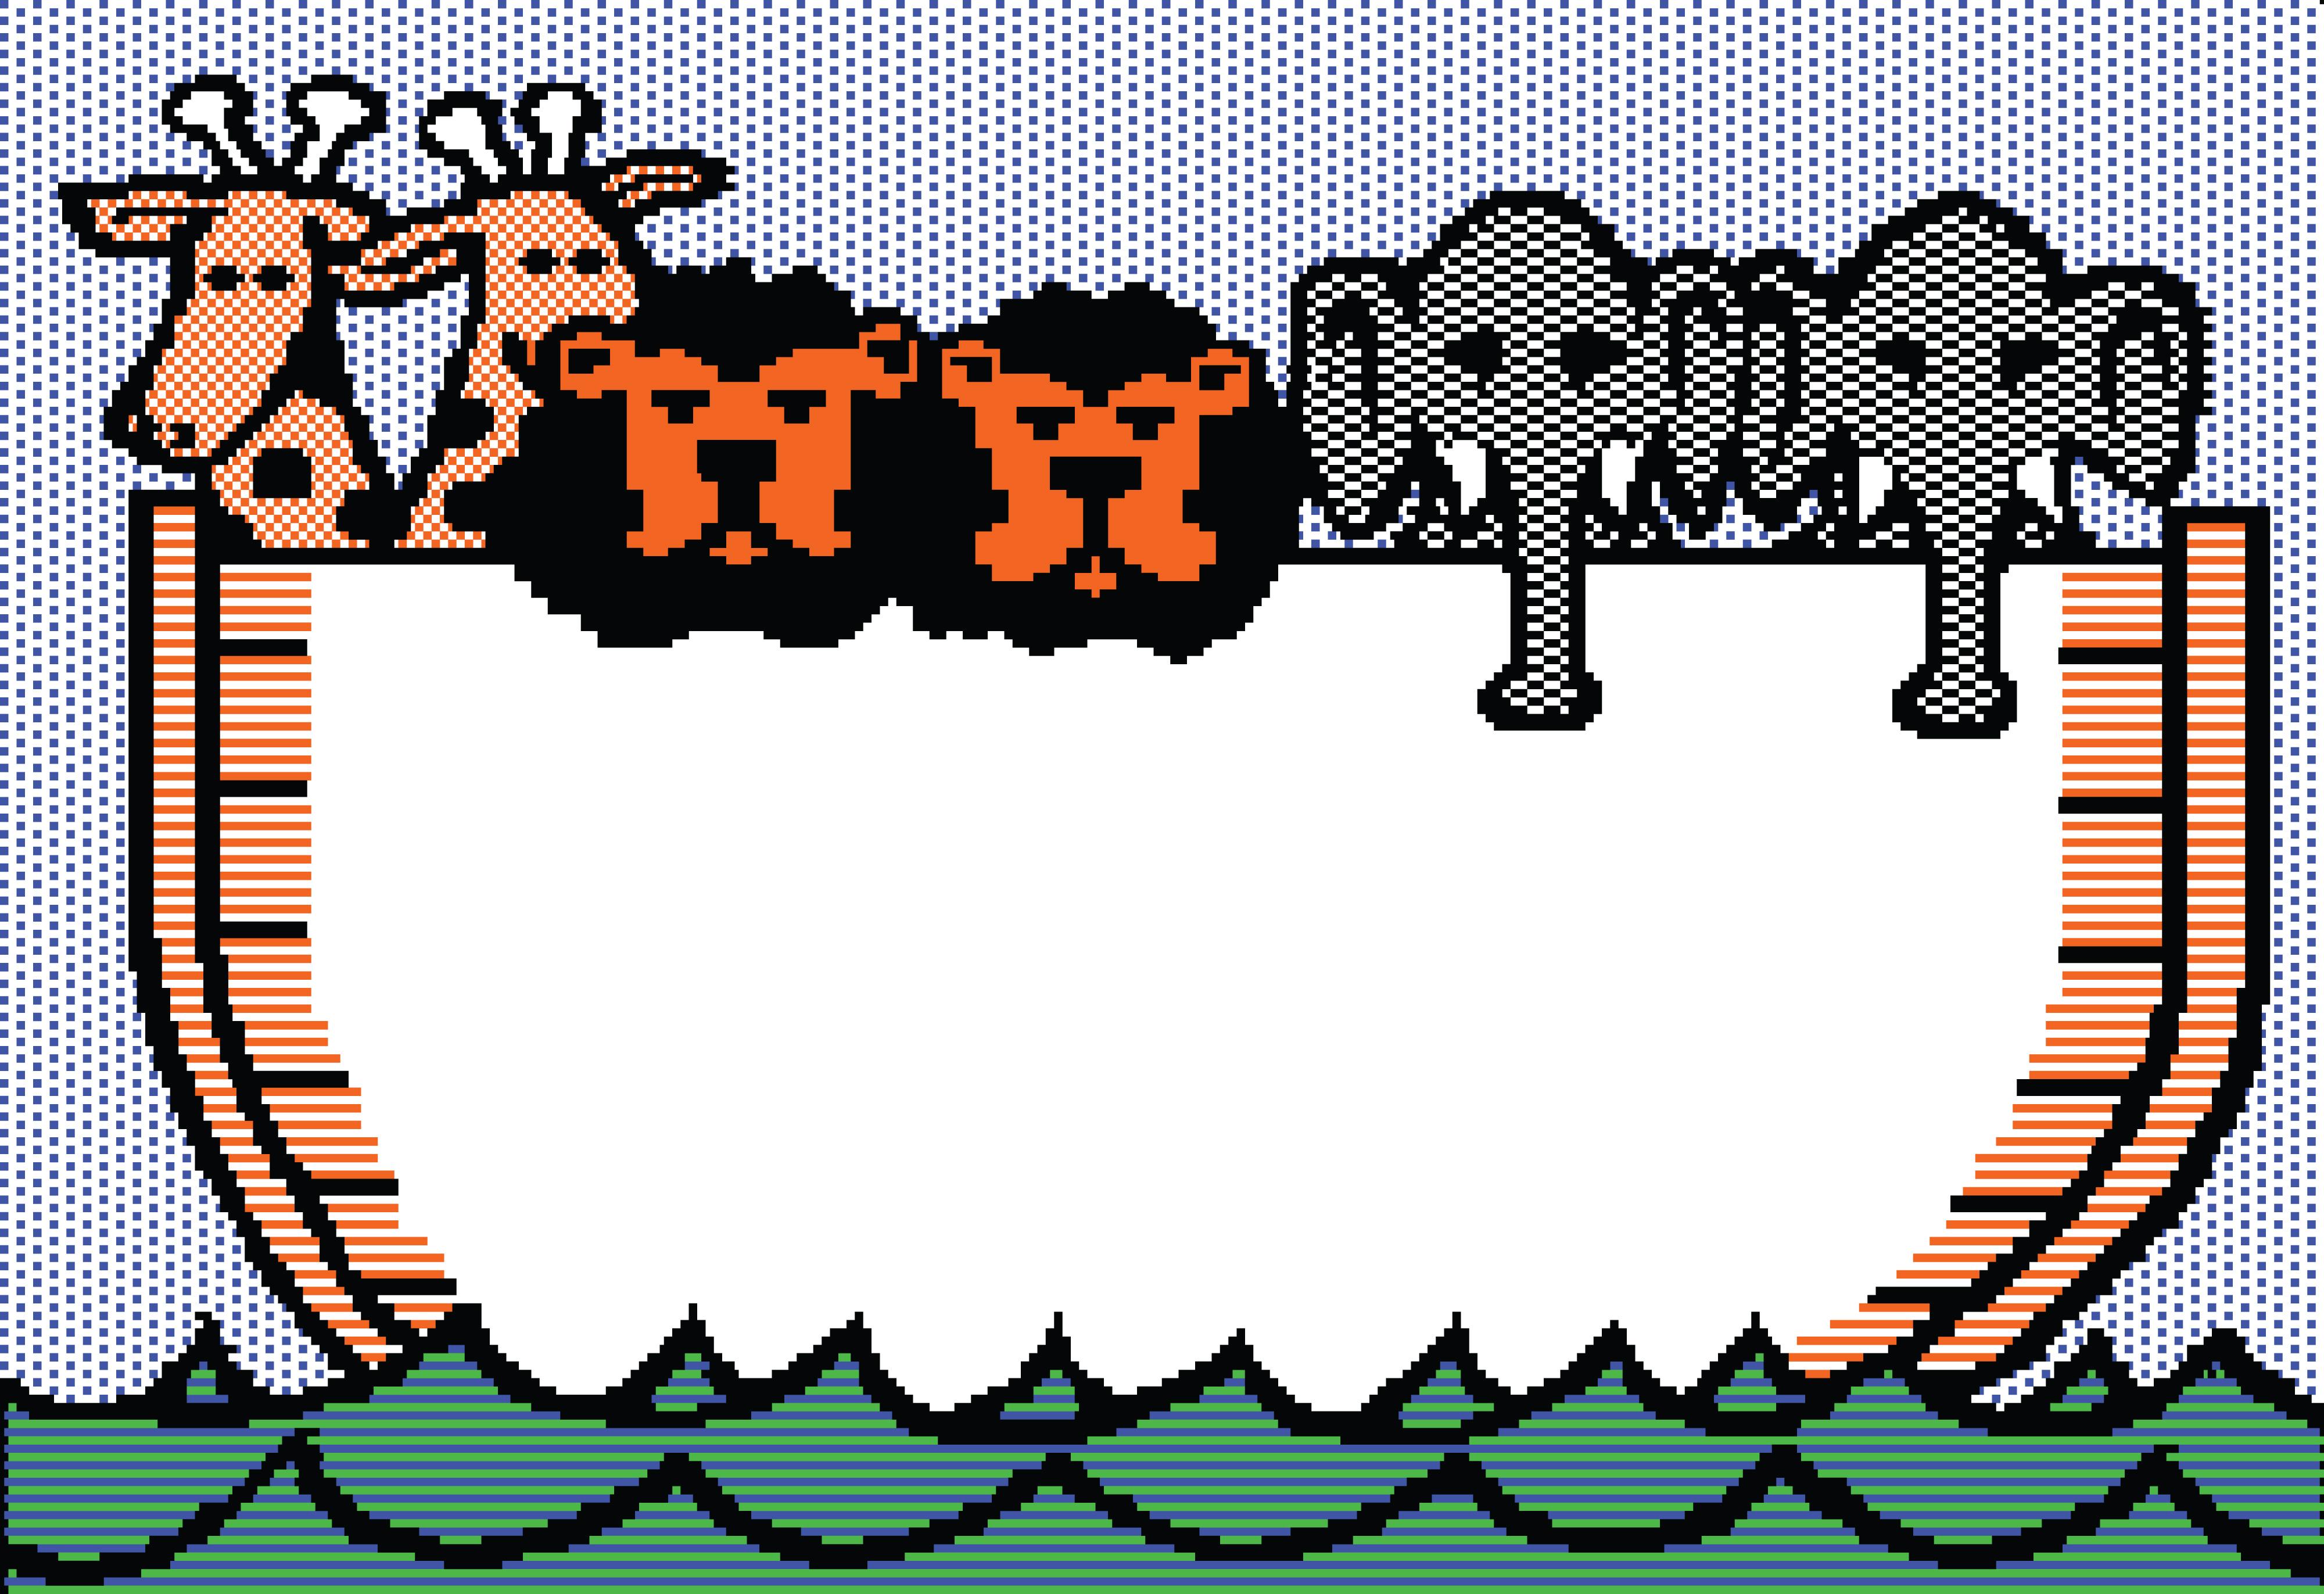 4000x2743 Clipart Of A Noahs Ark Beagle Screen With Giraffes, Lions